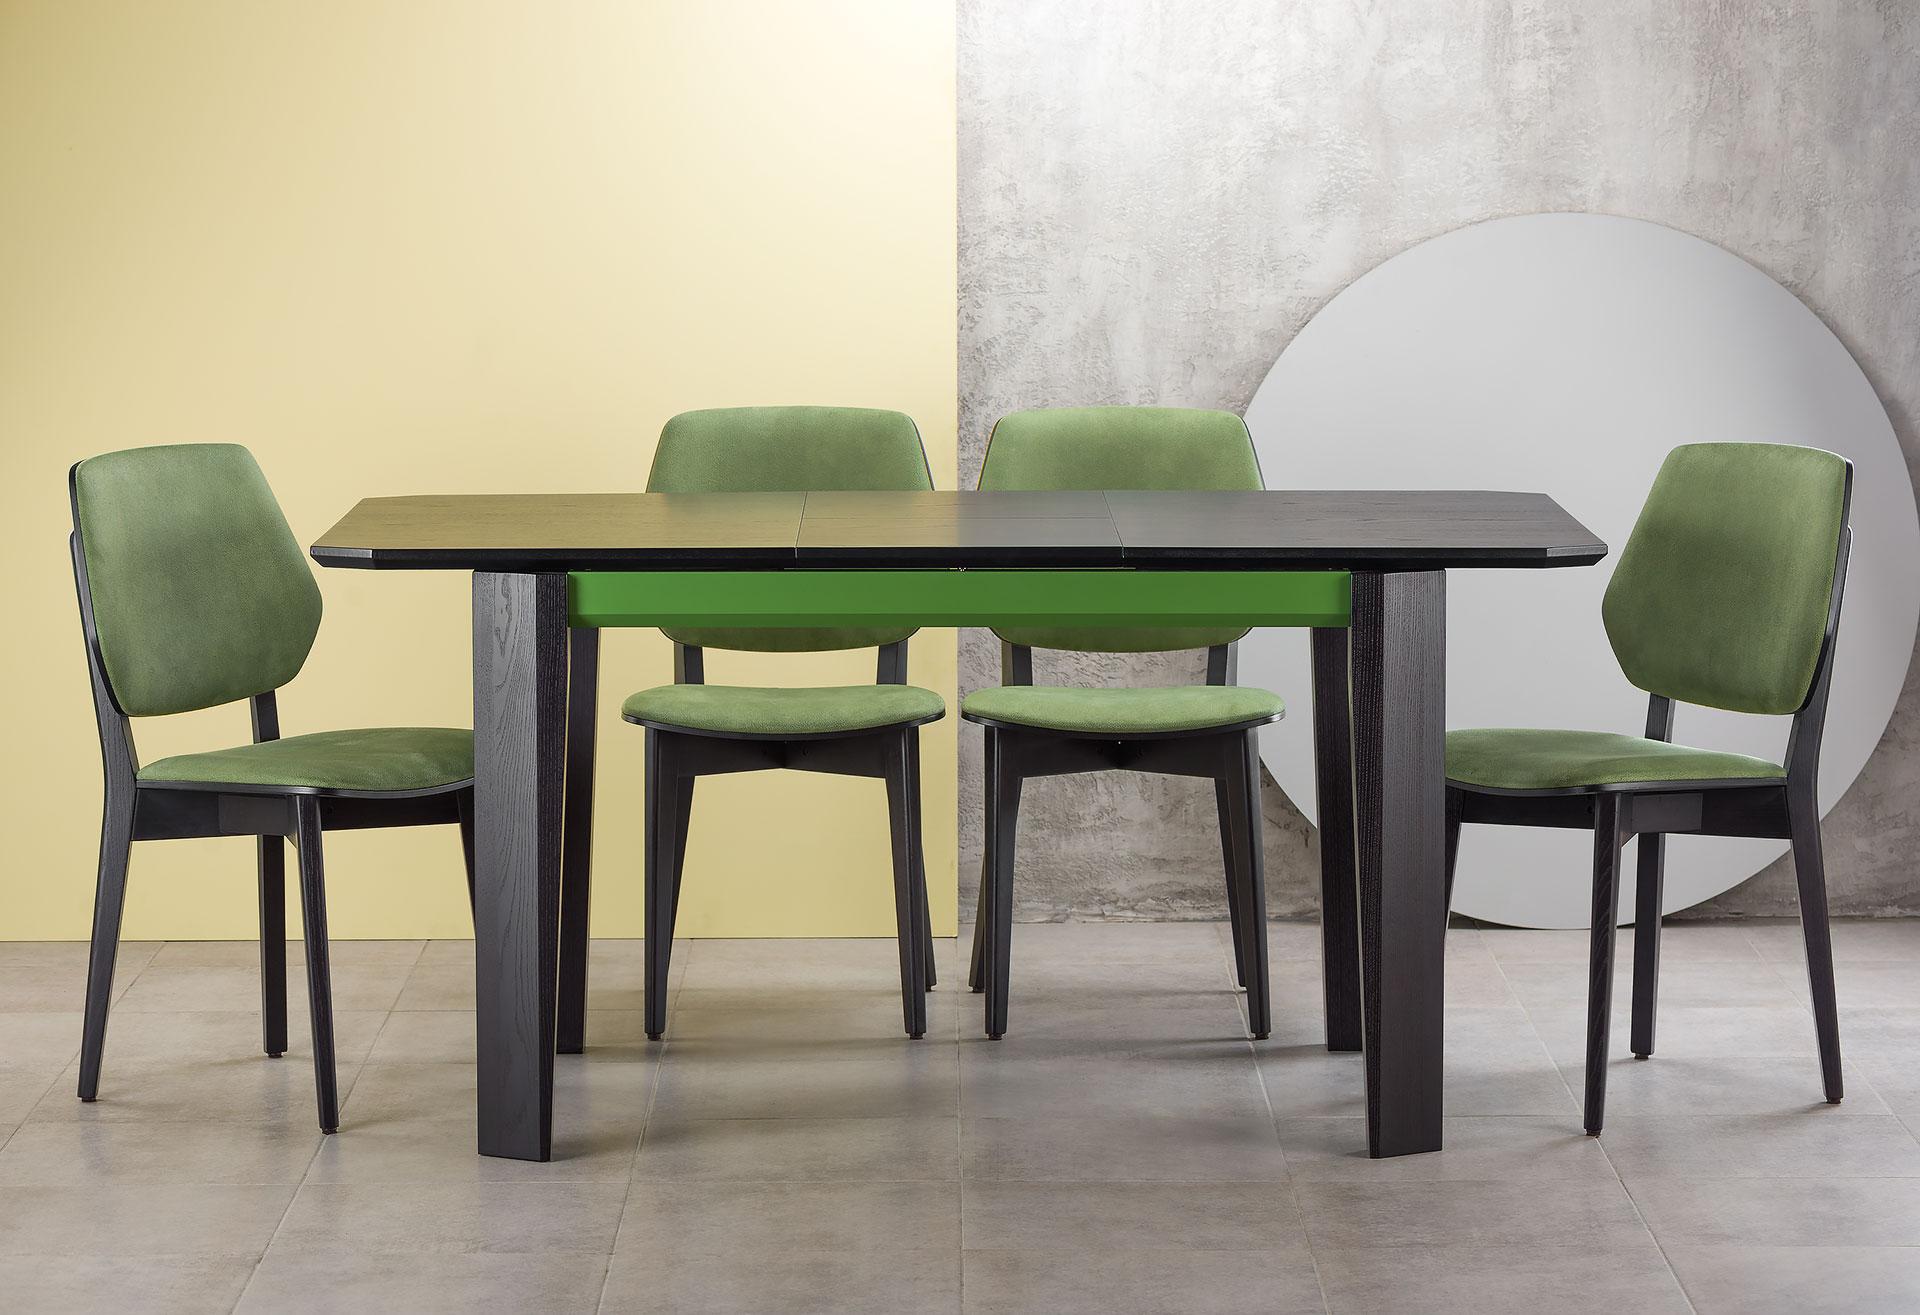 """Обеденная группа: раскладной кухонный стол """"Варгас"""" черно-зеленый (столешница шпонированная) с твердого дерева + 4 стула 03В, черный каркас с зеленой мягкой спинкой и сиденьем со штучной замши Exim Mustang Light Green"""